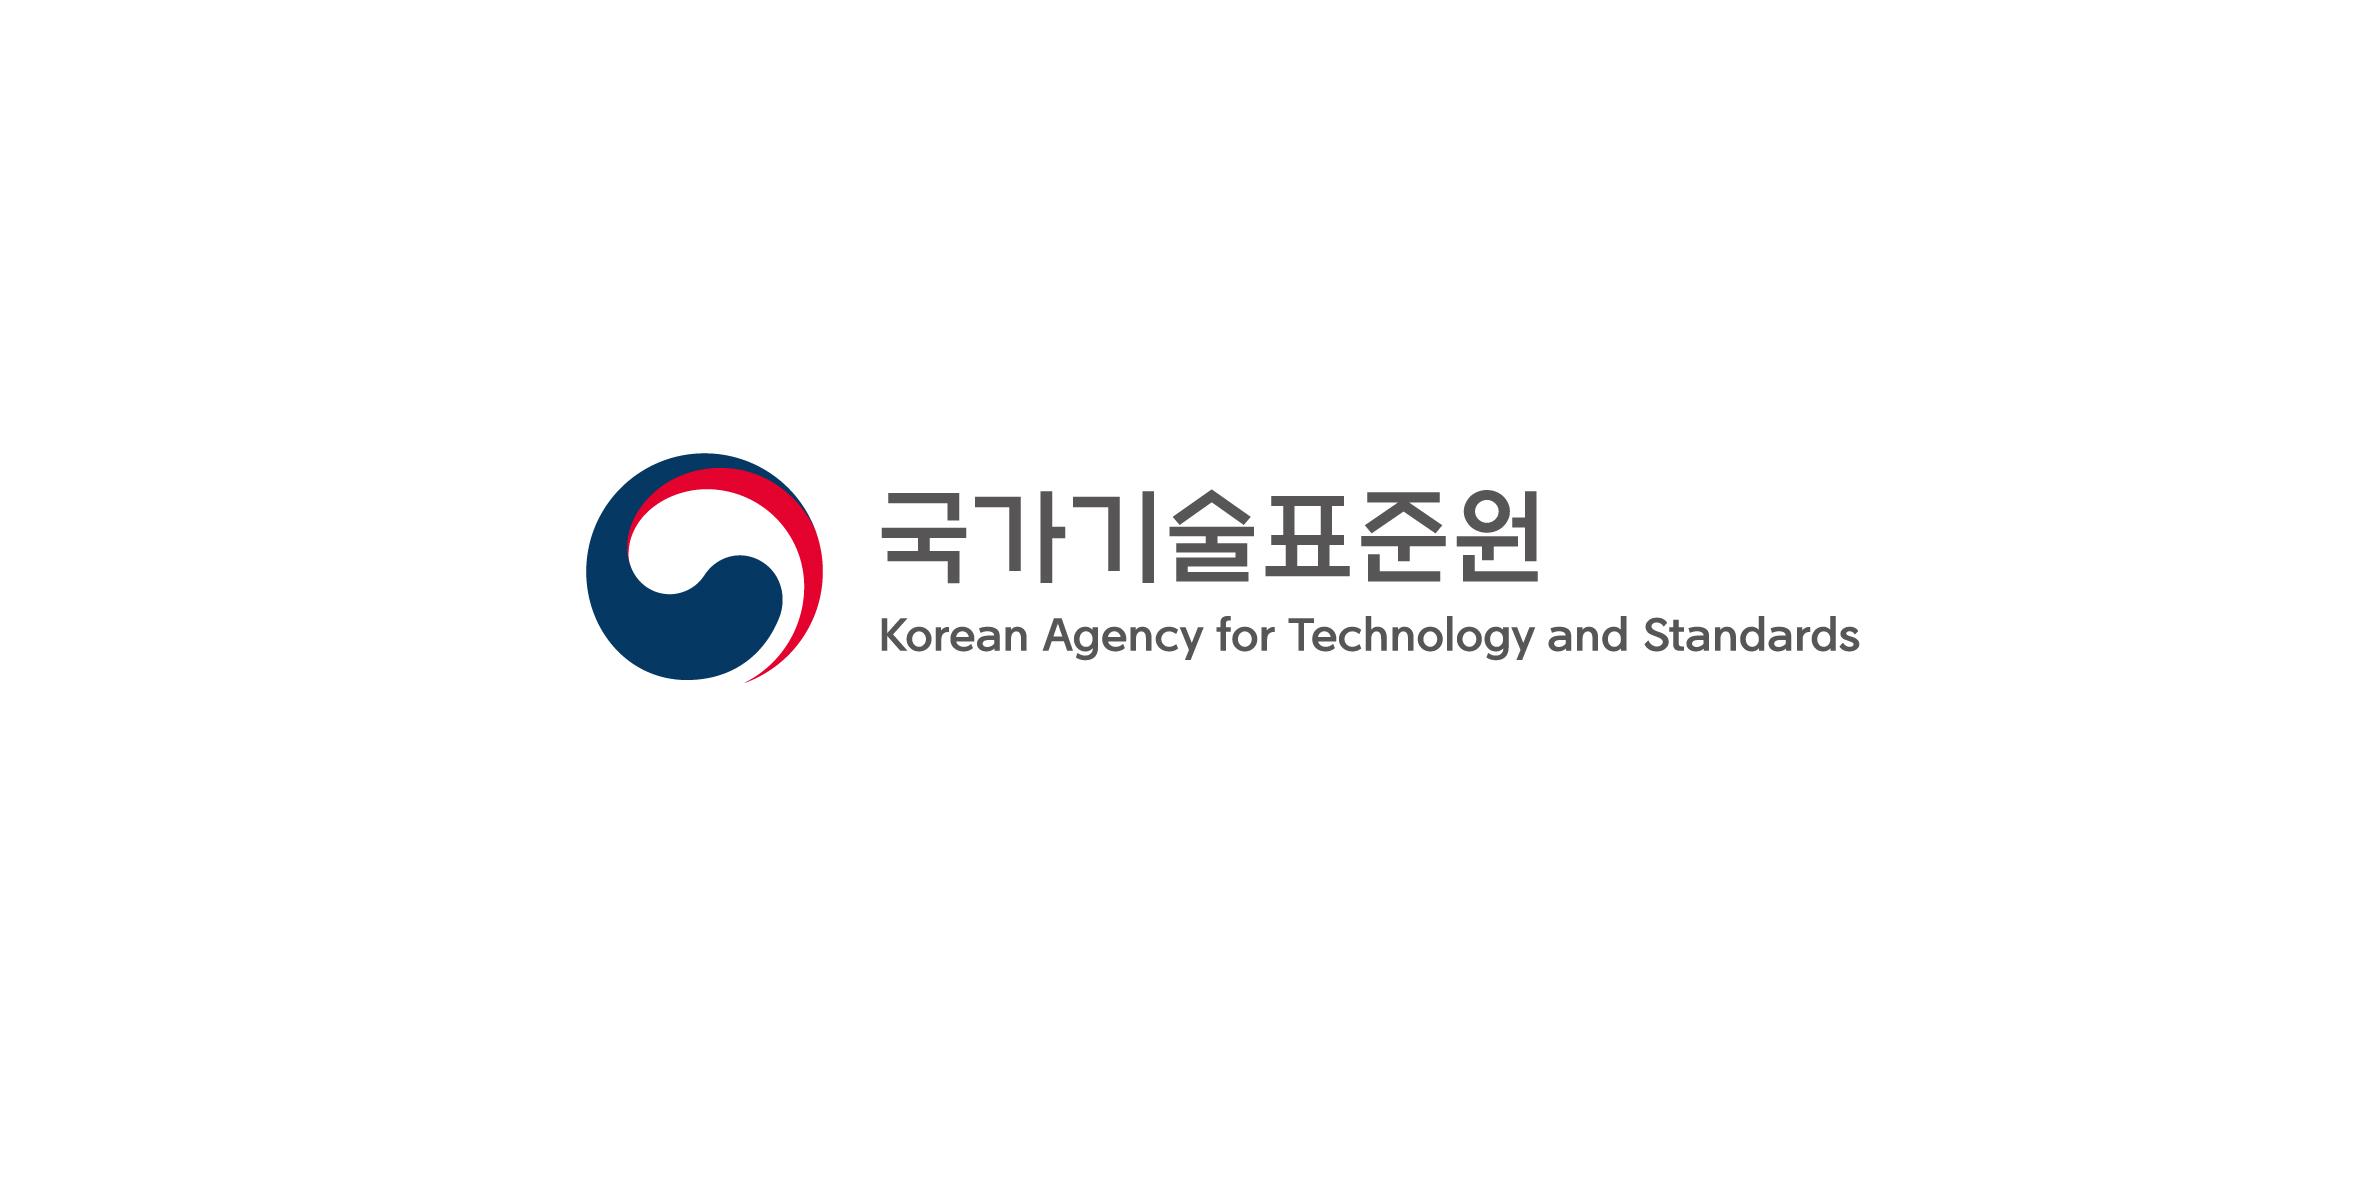 국표원, 2019 글로벌 제품안전 혁신포럼 개최